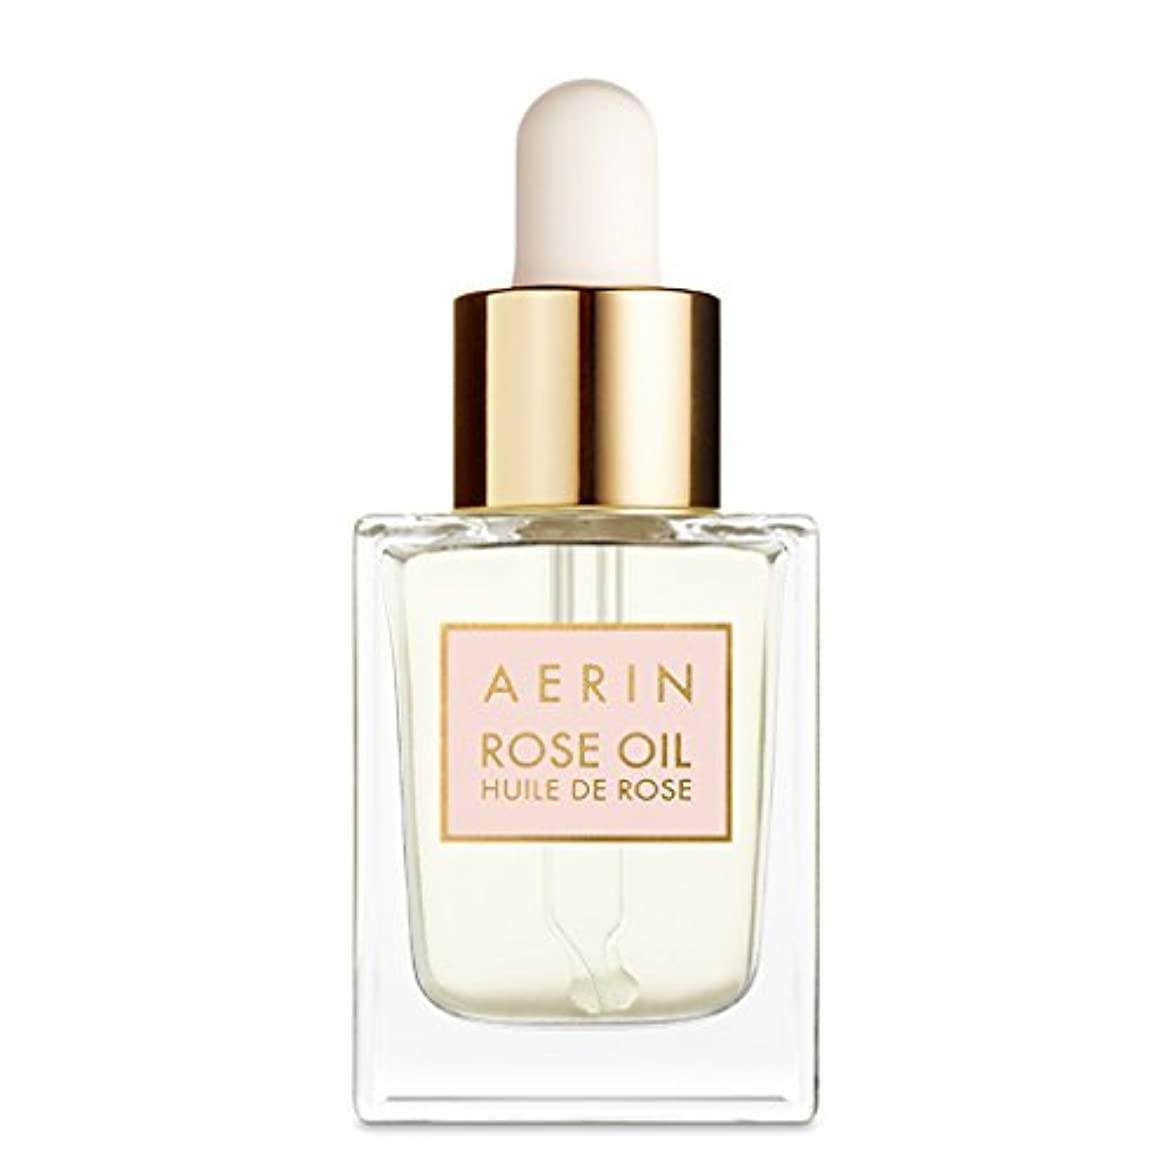 自分のパブコミットAERIN Rose Oil(アエリン ローズ オイル) 1.0 oz (30ml) by Estee Lauder for Women